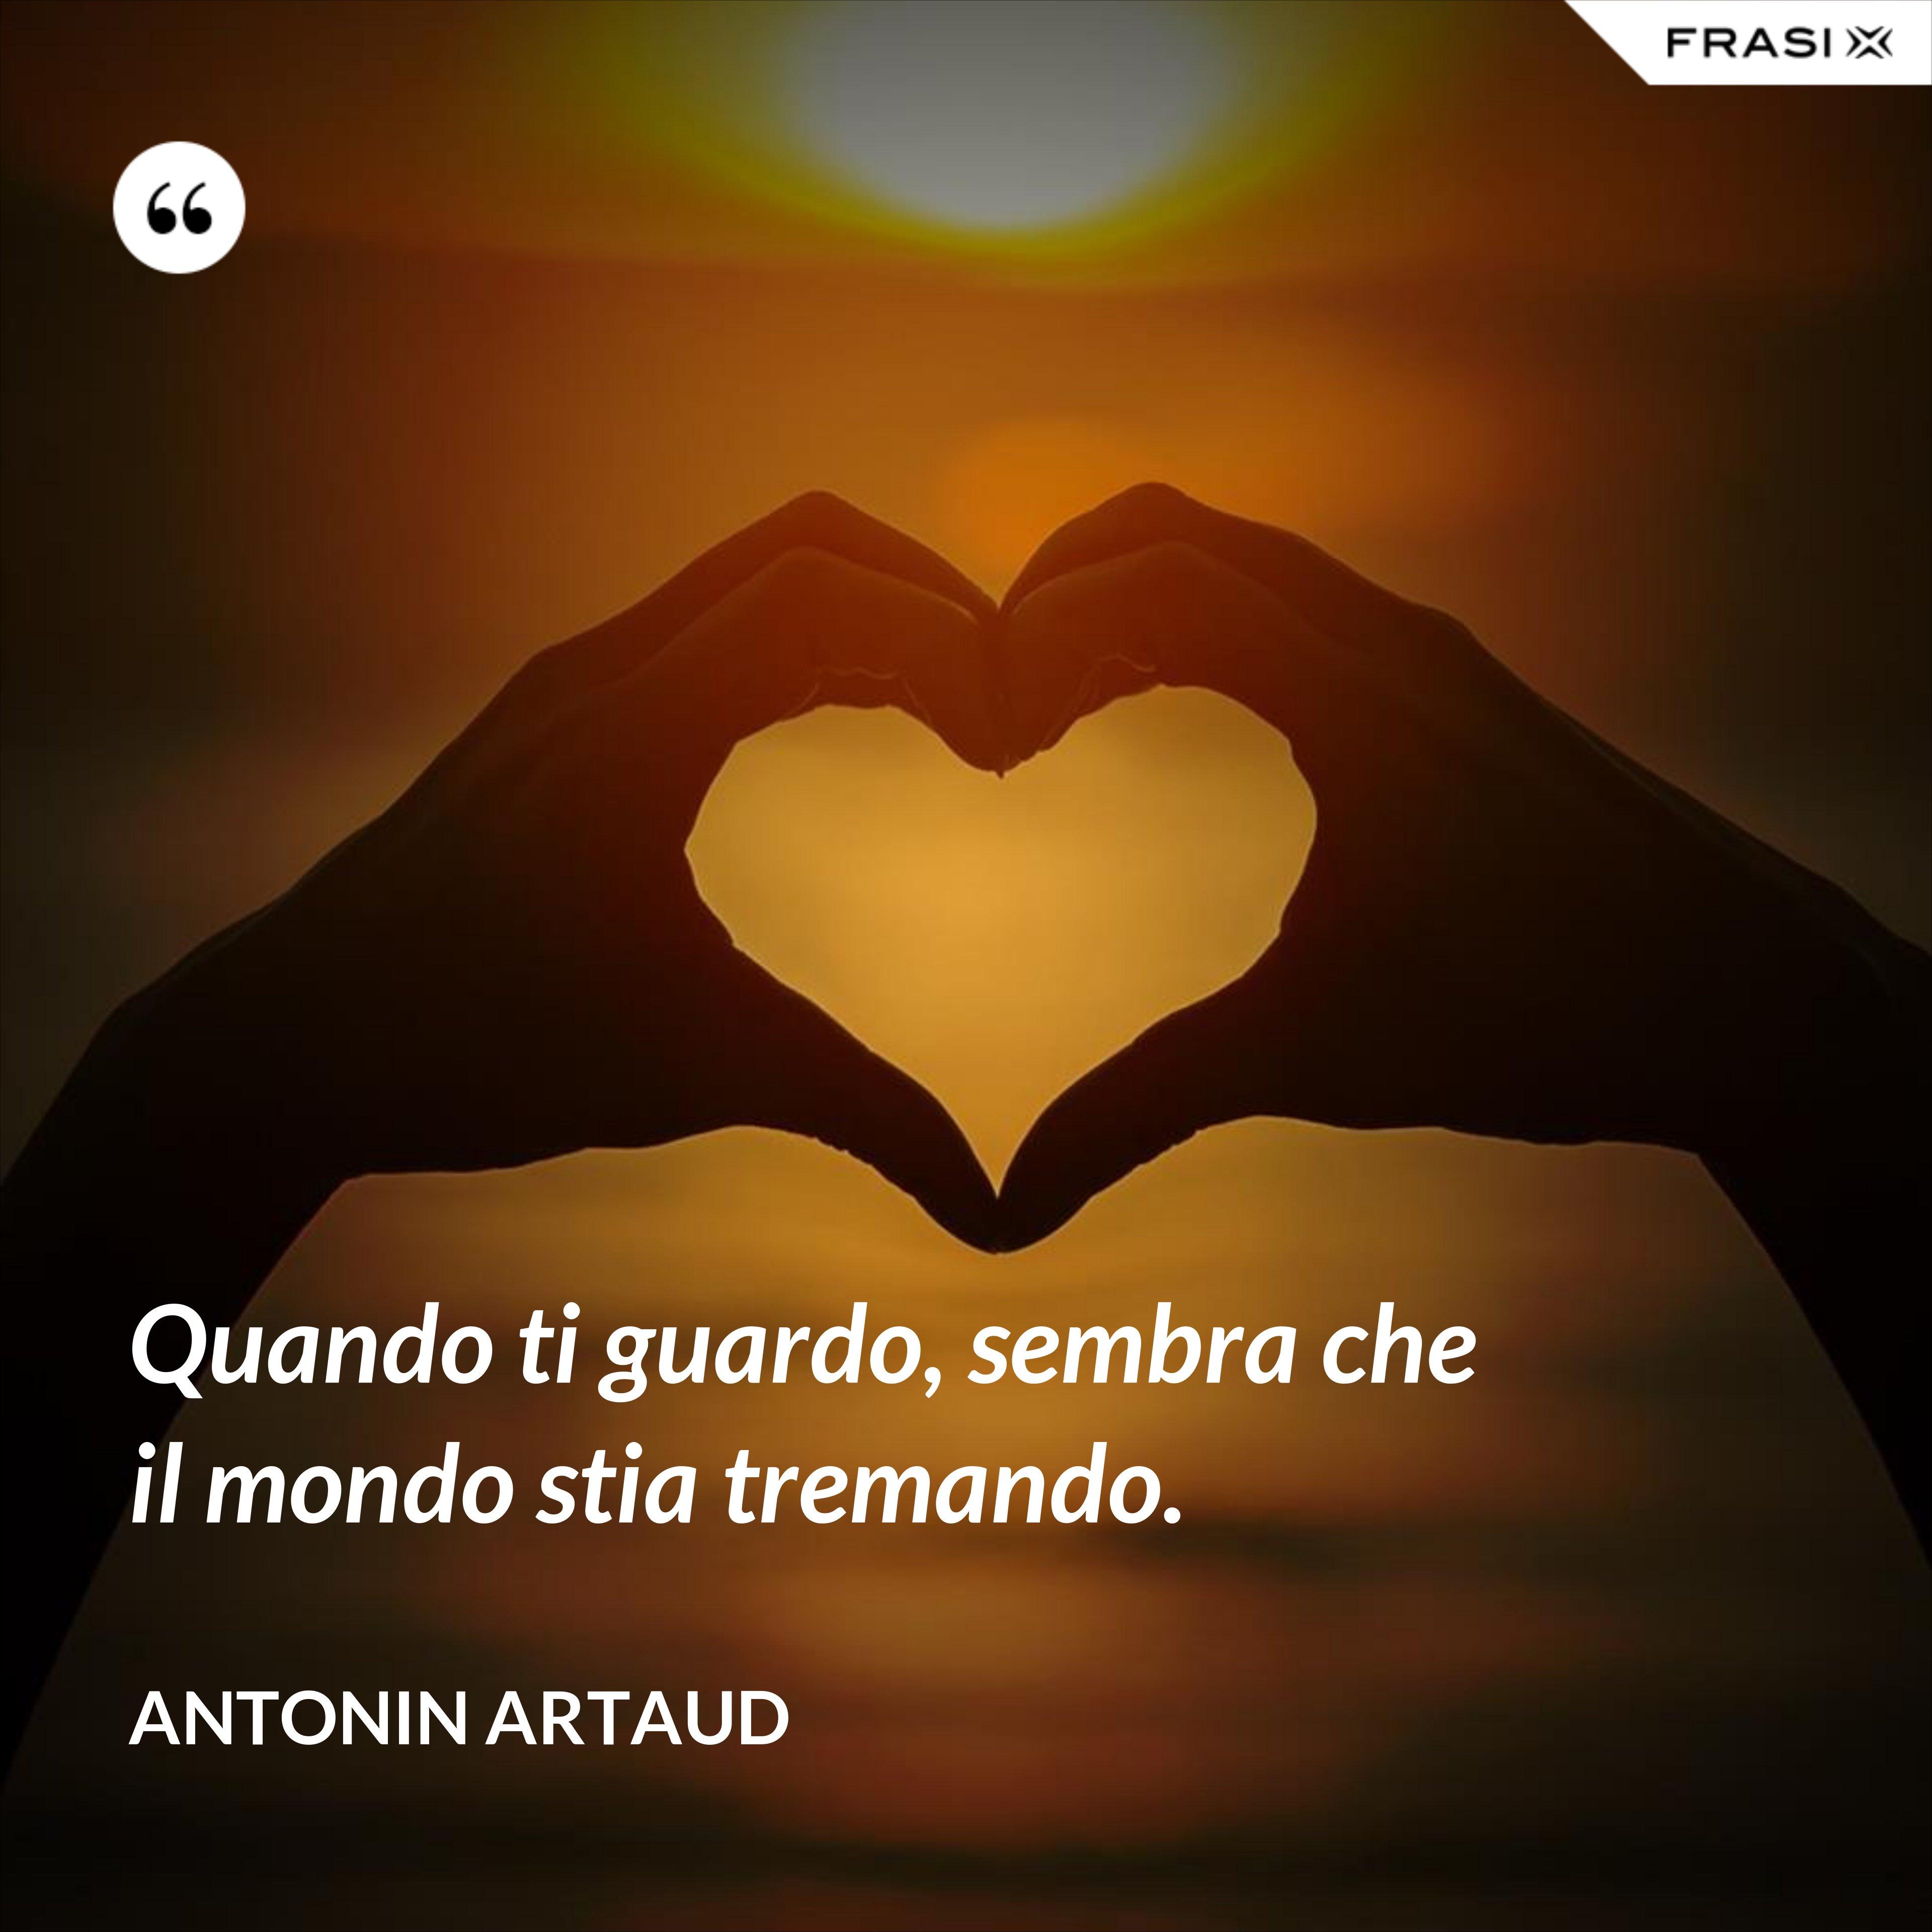 Quando ti guardo, sembra che il mondo stia tremando. - Antonin Artaud